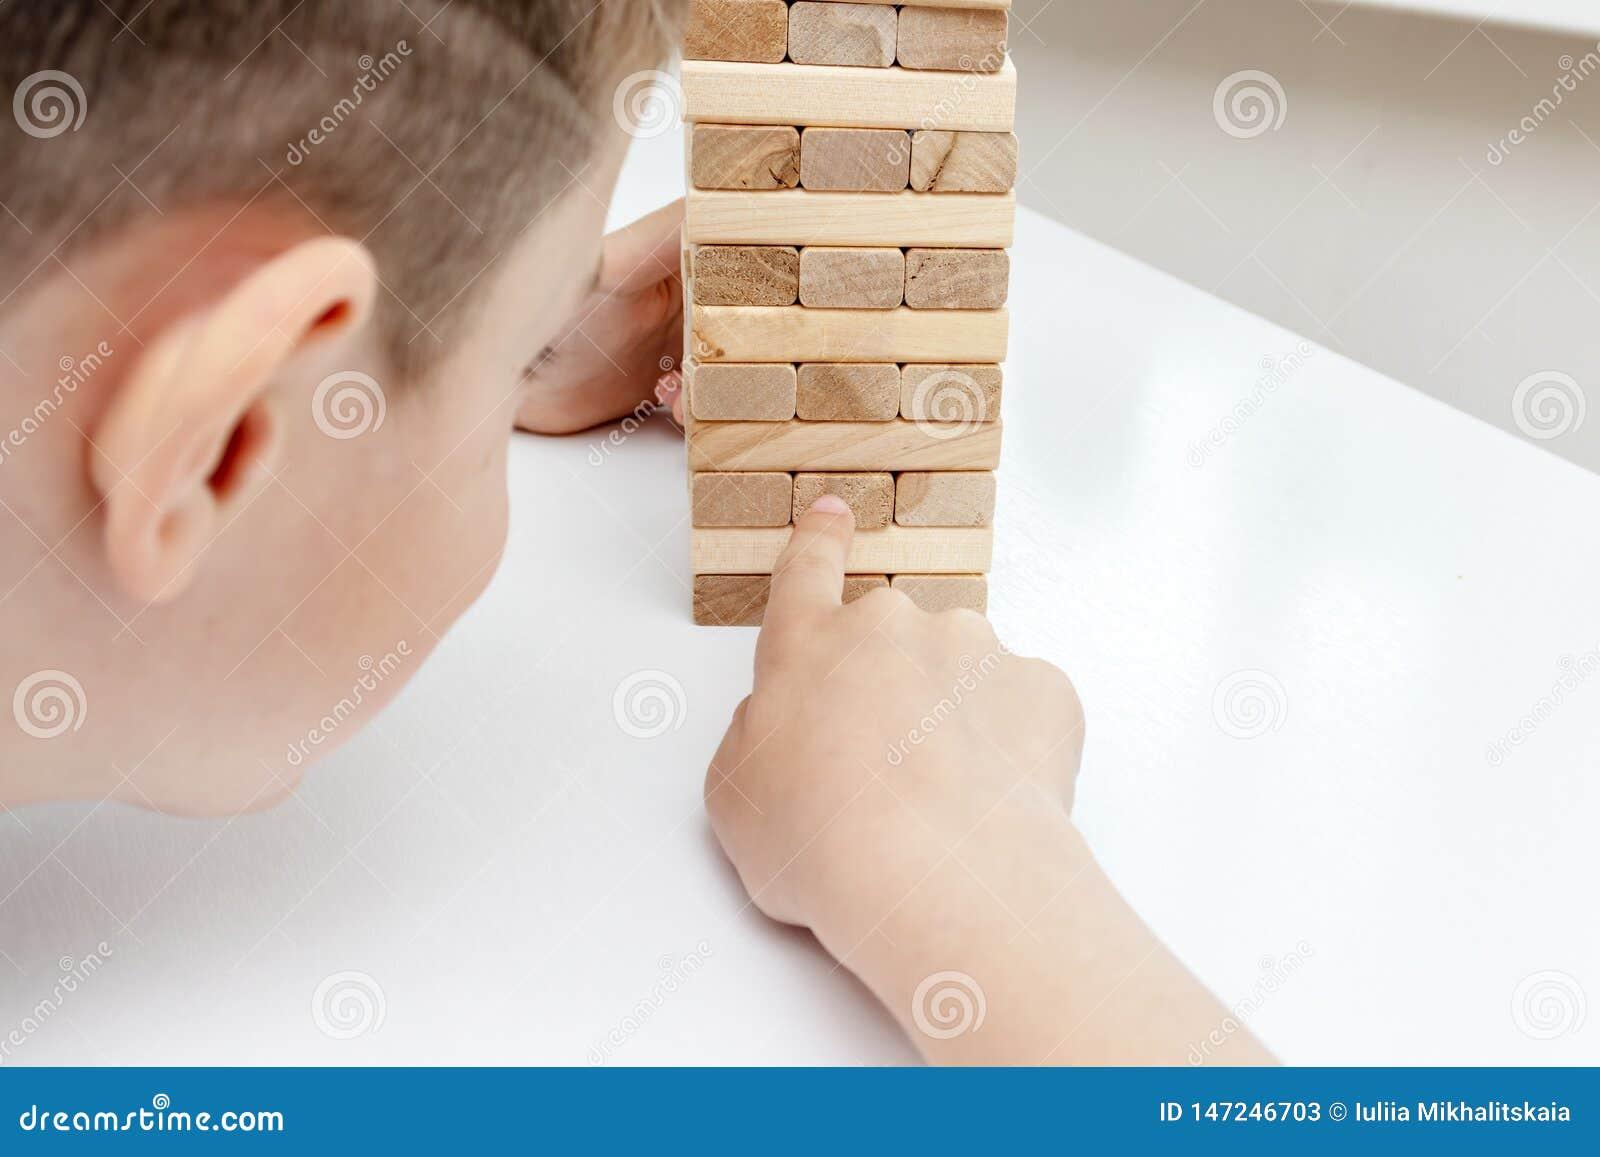 Preteen caucasian ch?opiec bawi? si? drewnian? bloku wierza gr? planszow? dla ?wiczy? jego umys?ow? umiej?tno?? i badanie lekarsk